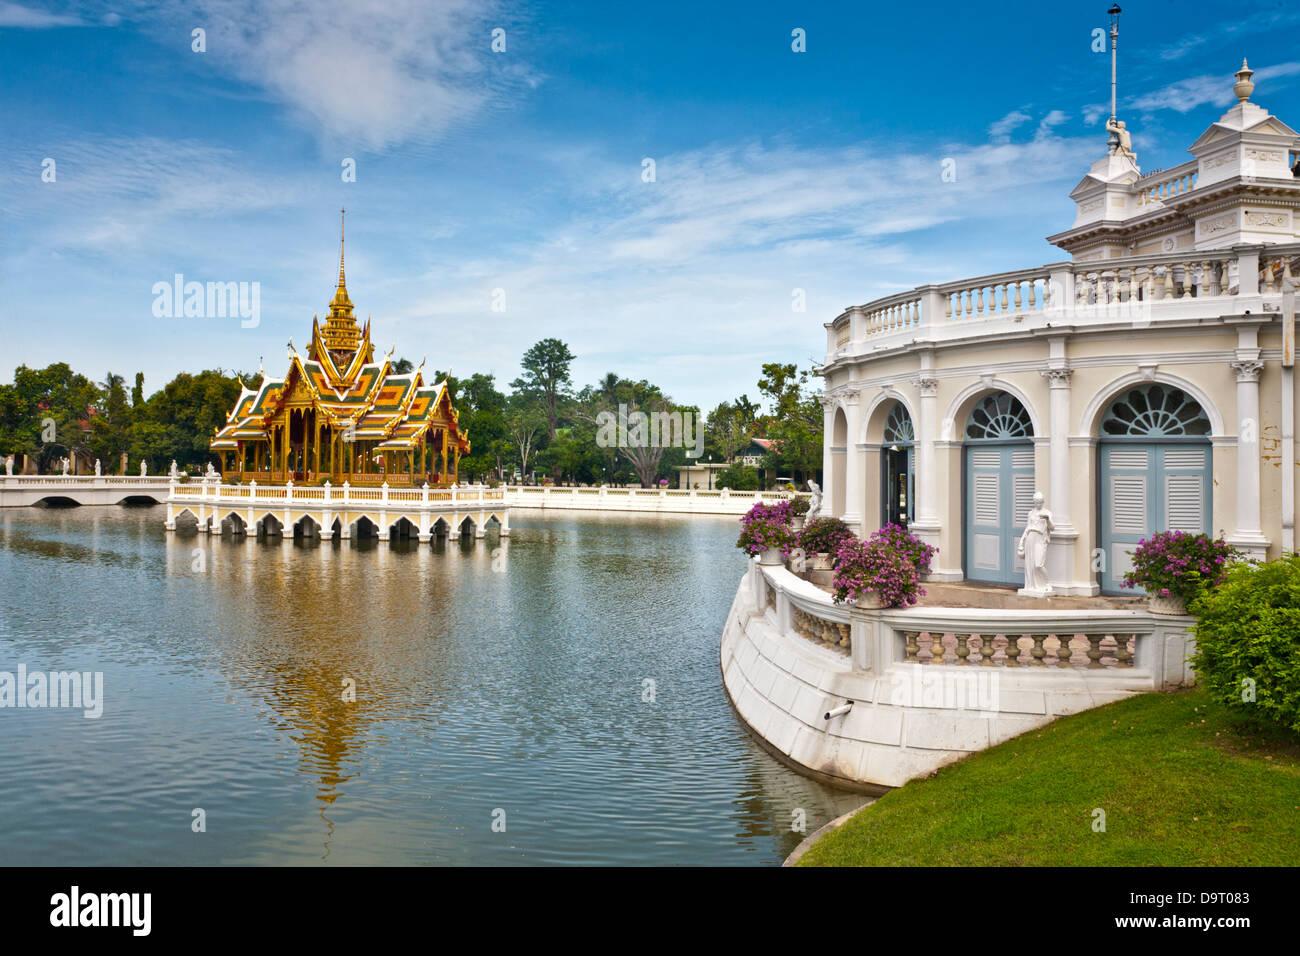 Buildings in the Outer Palace of Bang Pa-In, a Royal Palace north of Bangkok, Thailand. Phra Thinang Aisawan-Art - Stock Image